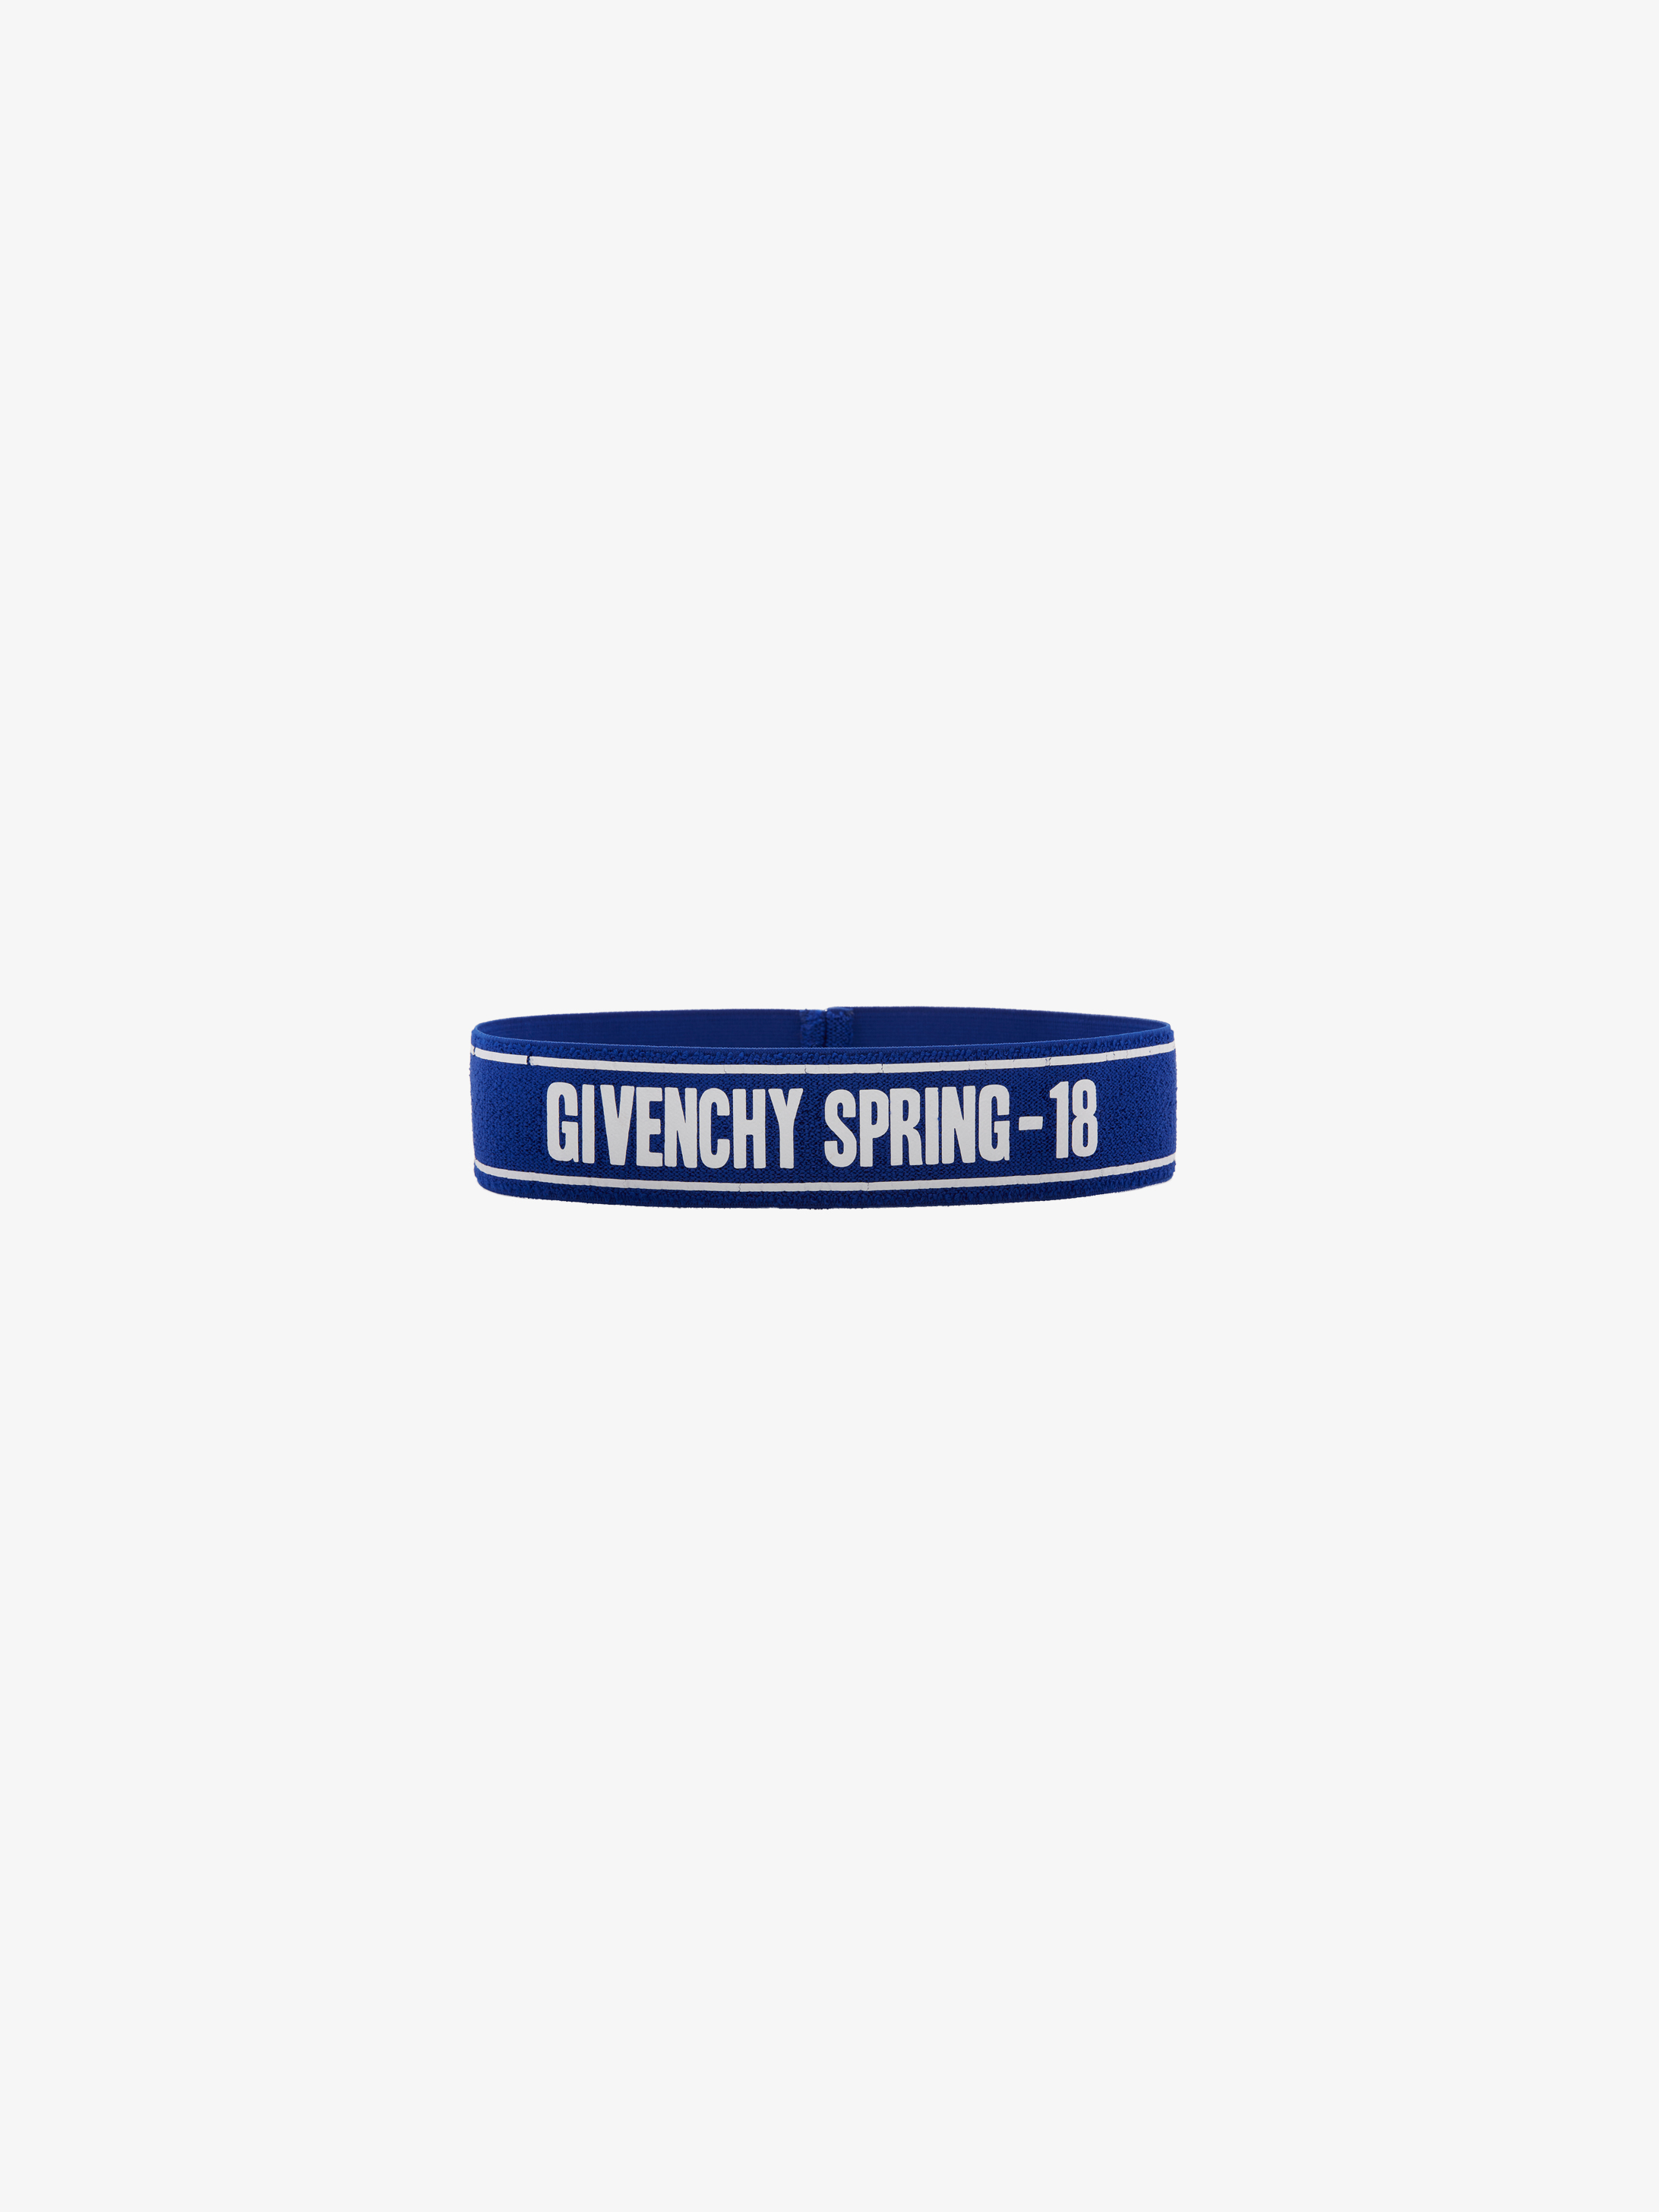 GIVENCHY SPRING-18 Headband